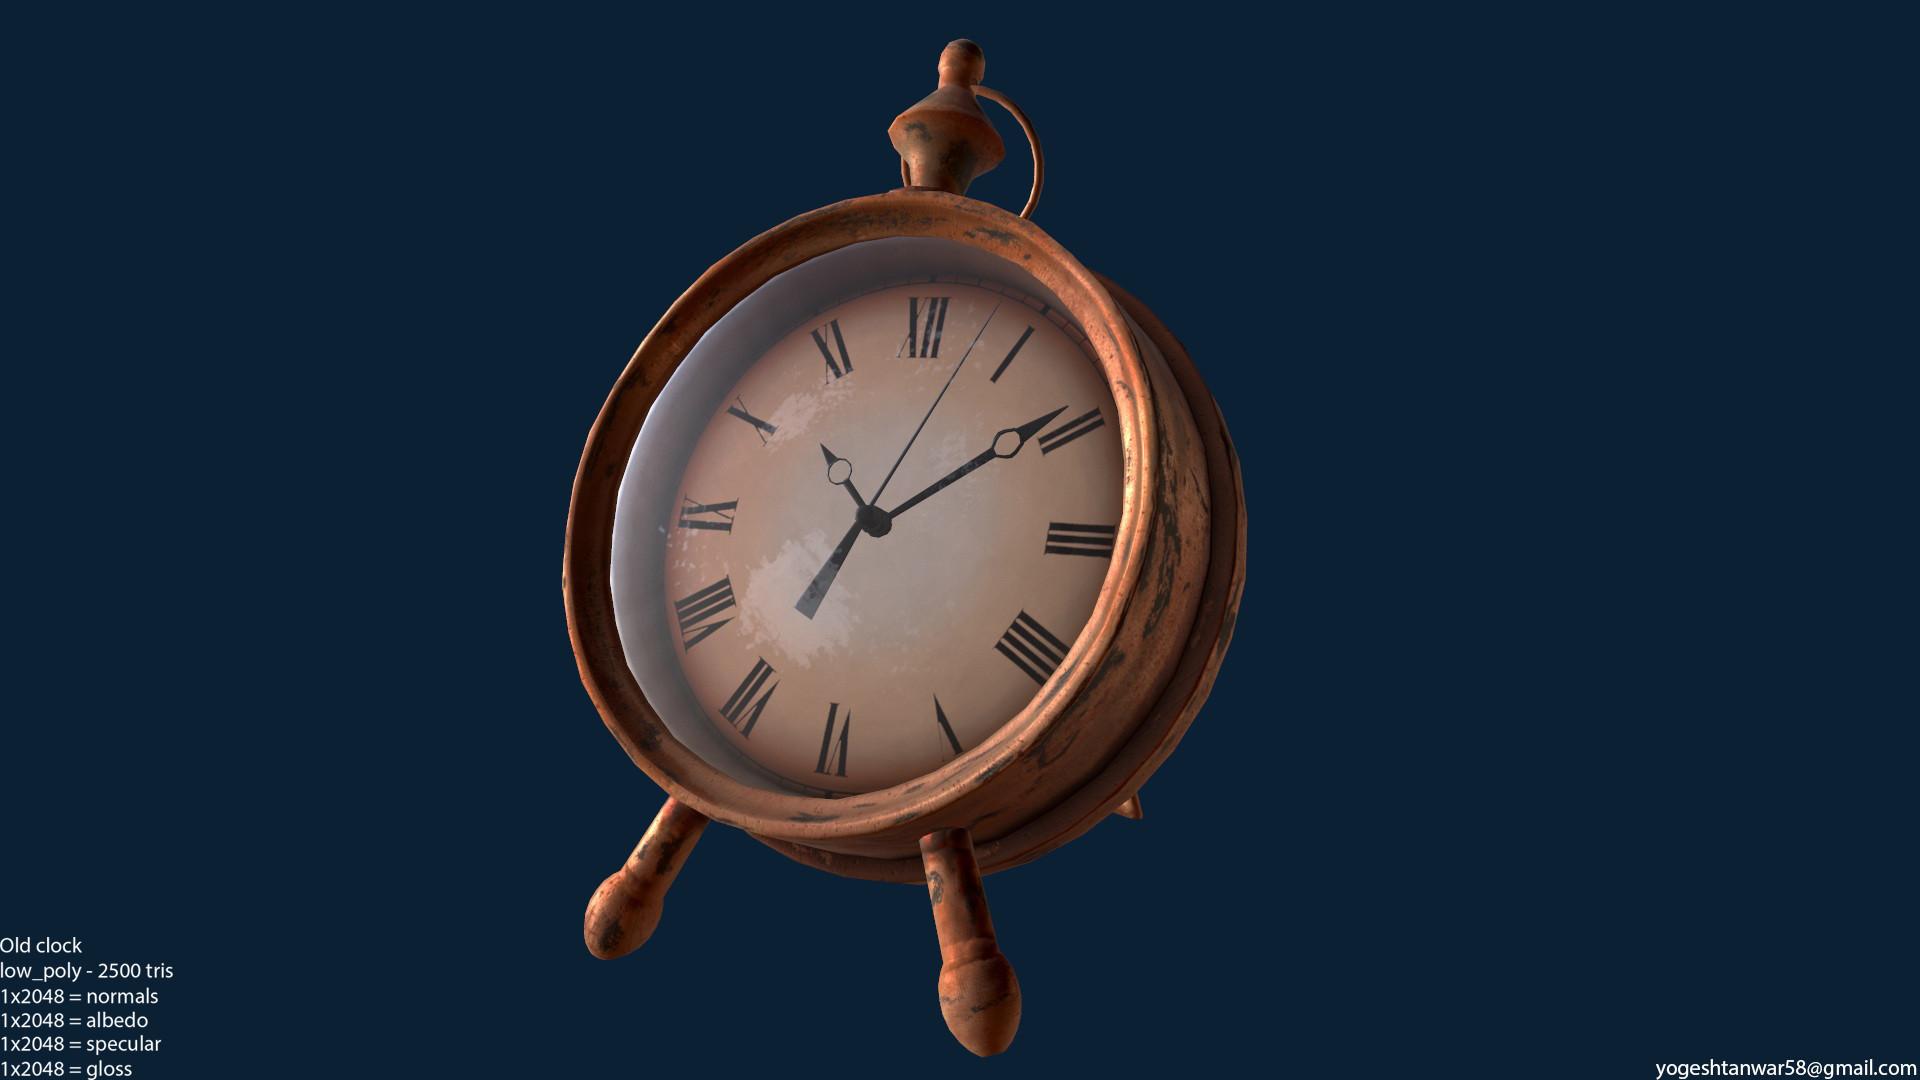 Yogesh Tanwar - old clock